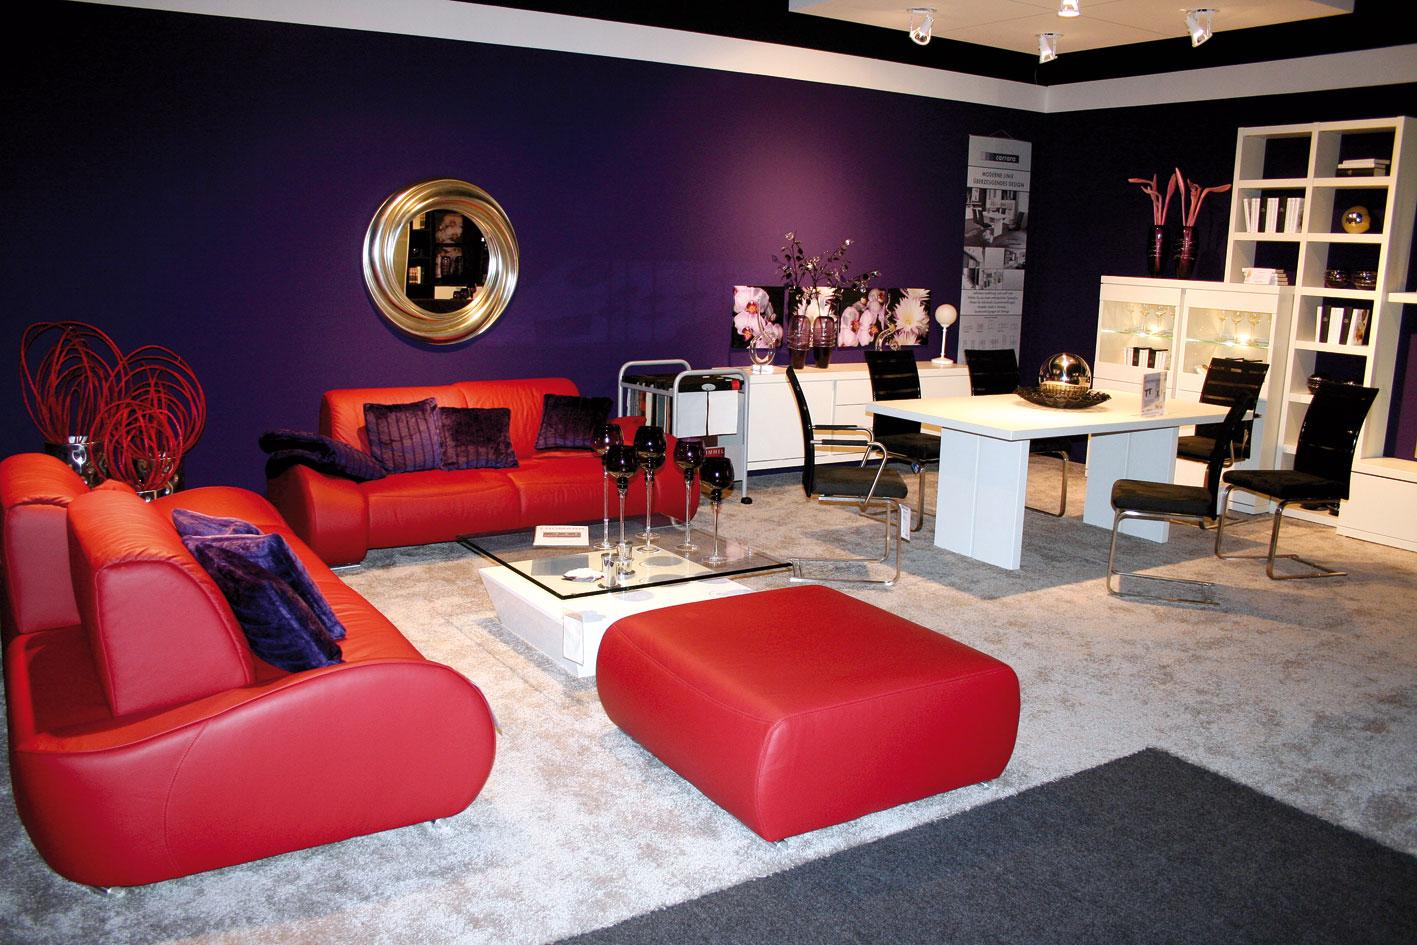 m bel homann neuer ffnung in braunschweig st ckheim. Black Bedroom Furniture Sets. Home Design Ideas